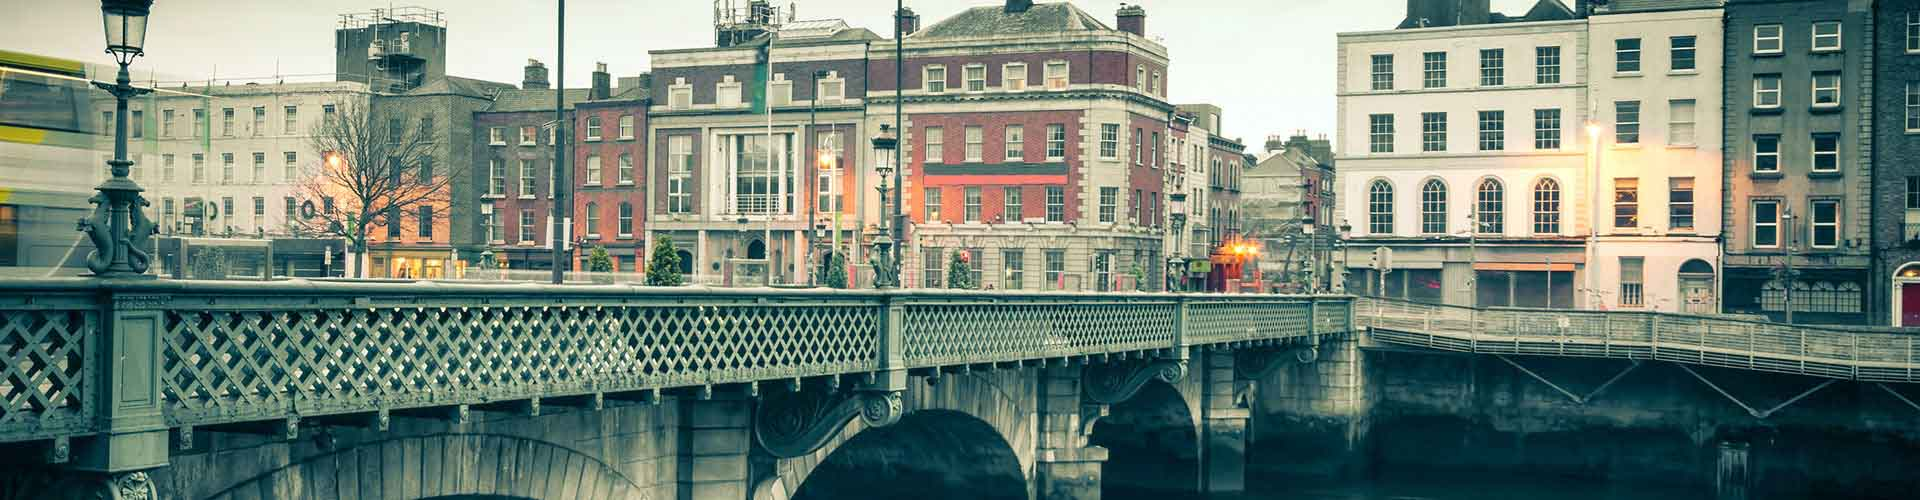 都柏林 – 都柏林的青年旅舍。都柏林地图,都柏林每间青年旅舍的照片和评价。